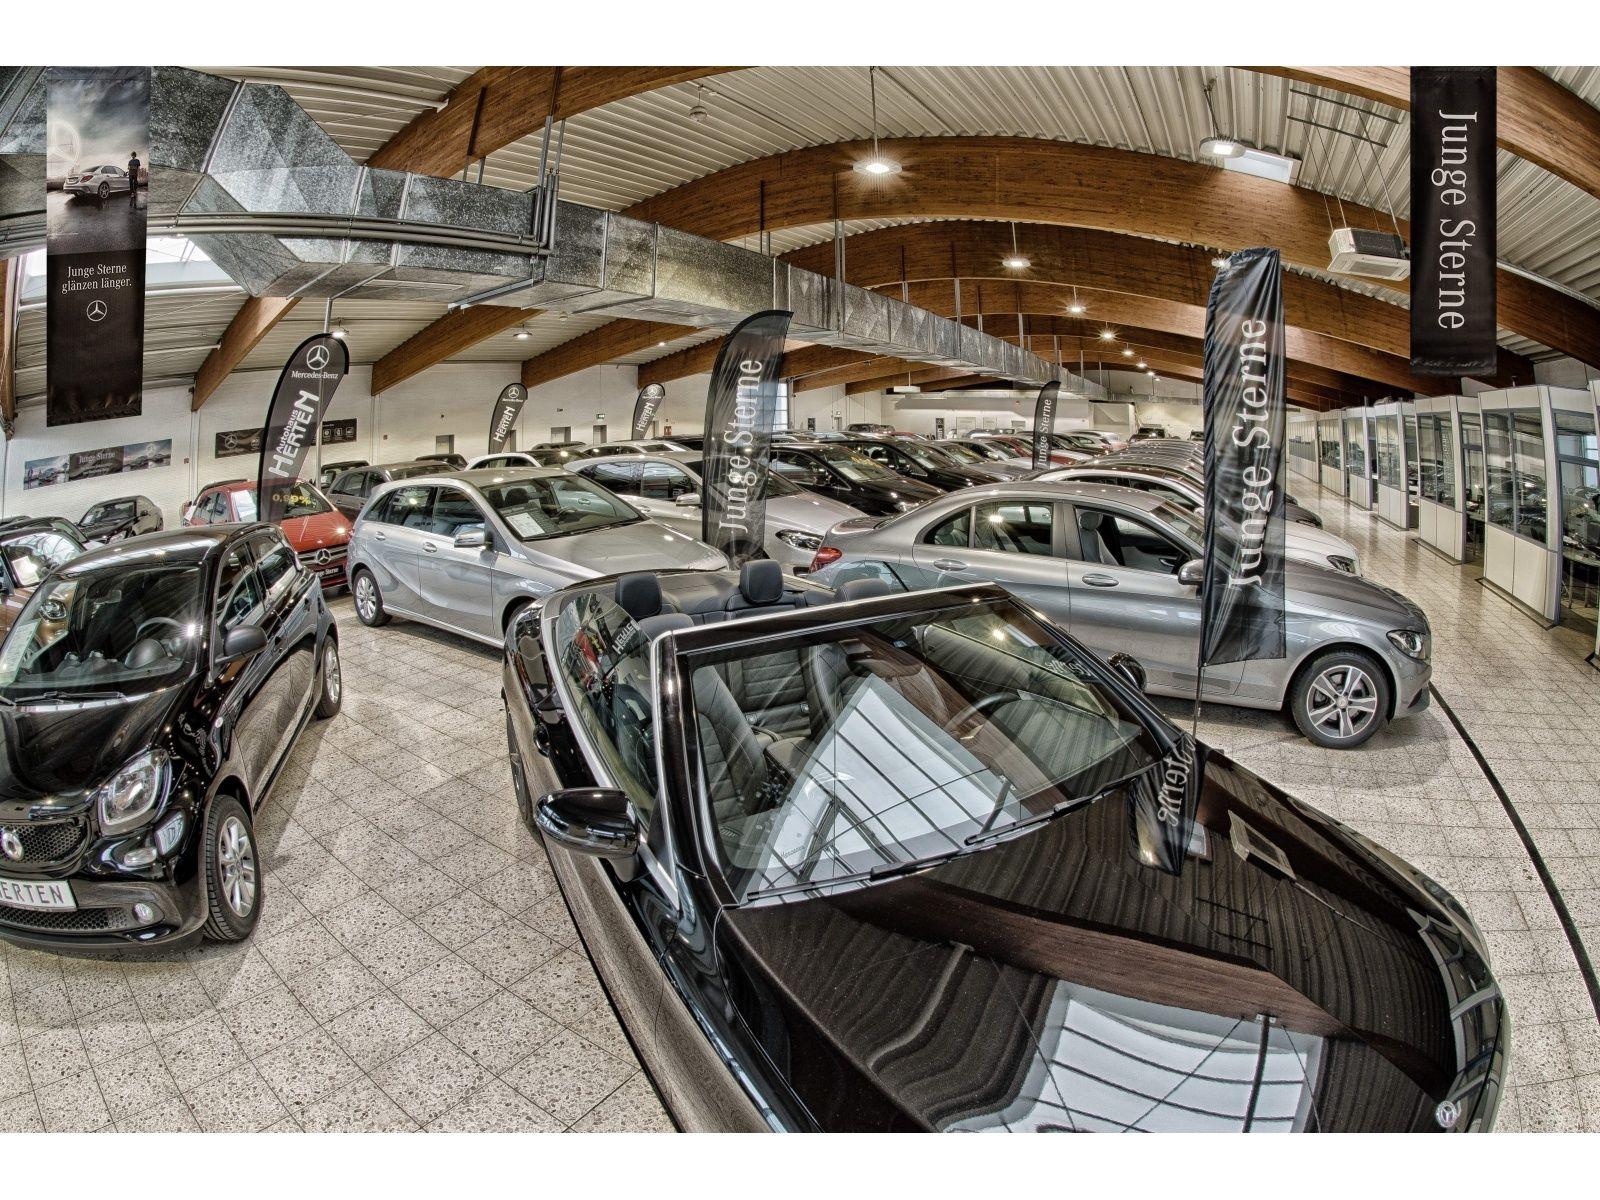 Mercedes-Benz GLS 350 d 4MATIC AMG, B&O, AHK, Standheizung, Jahr 2016, Diesel